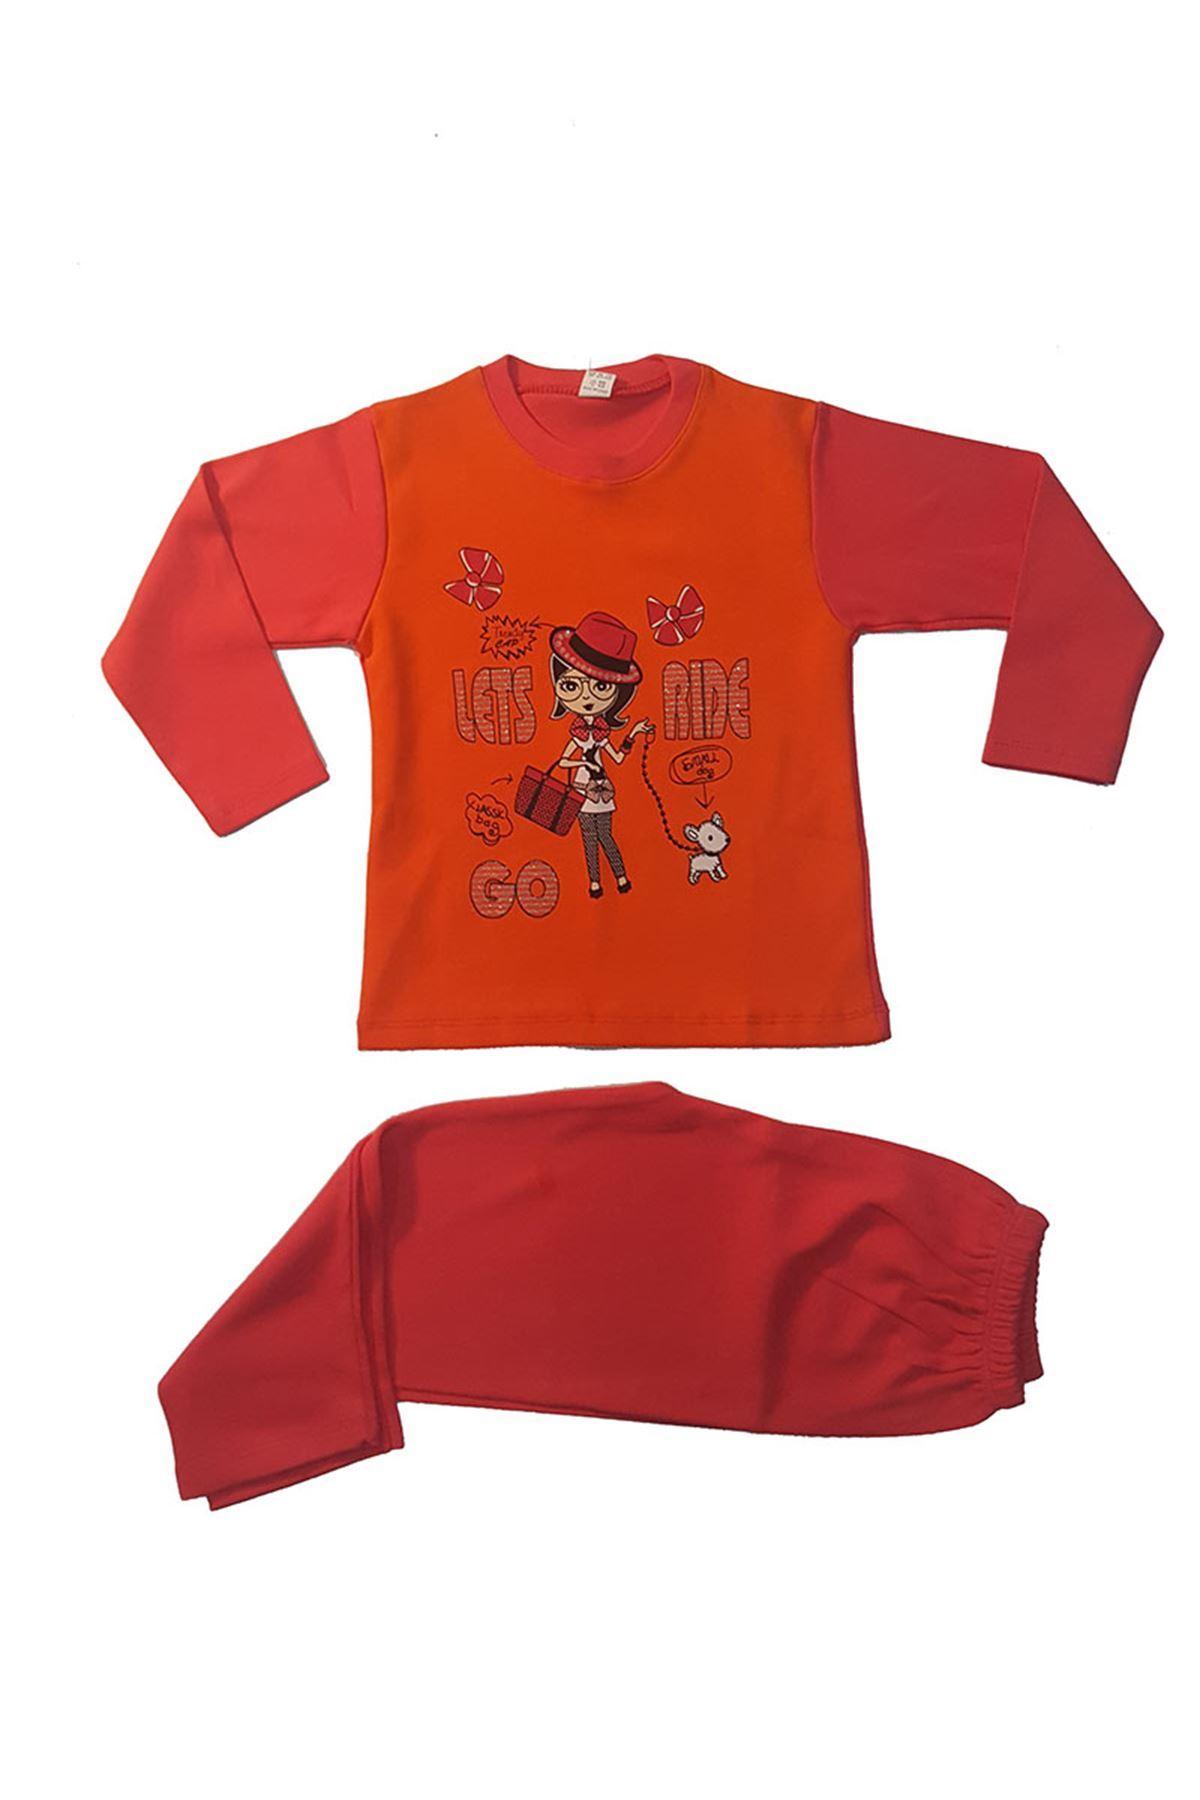 Oranj Pijama Takım 11B-12546